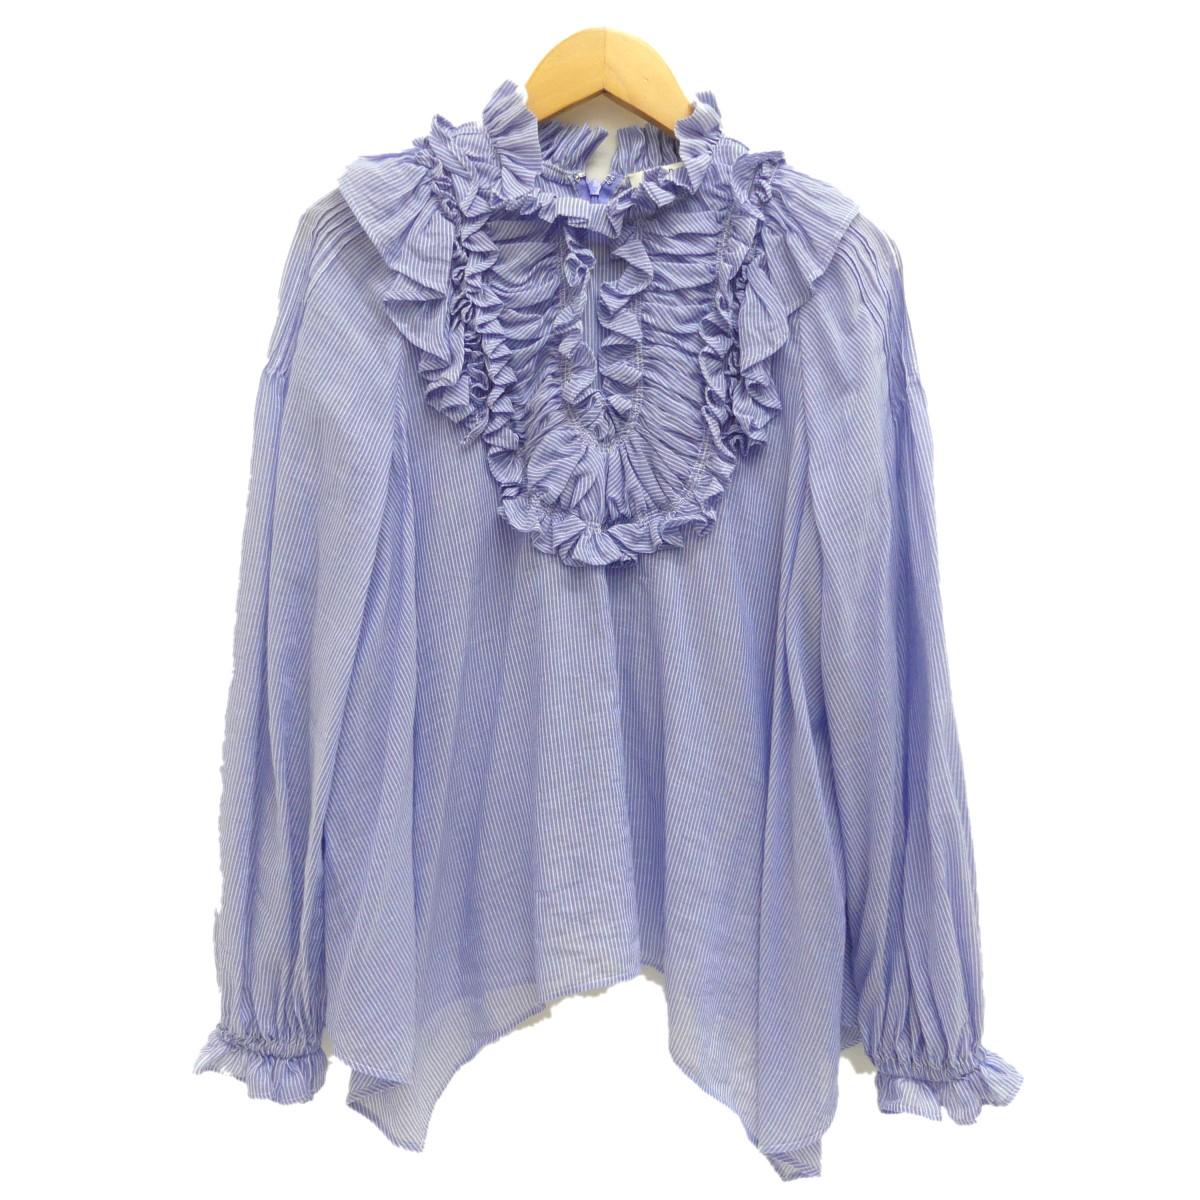 【中古】ENFOLD 2019SS ストライプフリルシャツ ブルー サイズ:38 【250420】(エンフォルド)